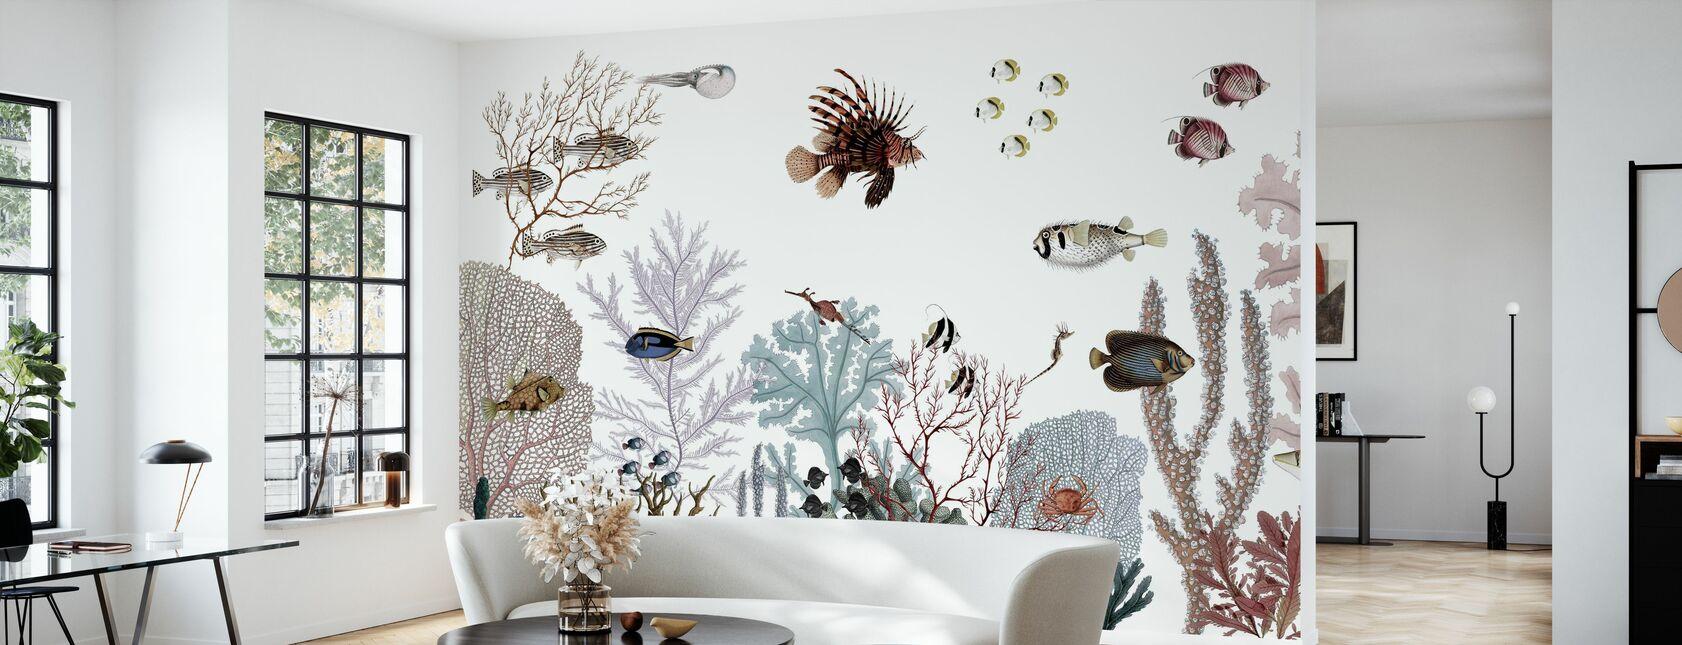 Roaring Reef - Tapet - Vardagsrum